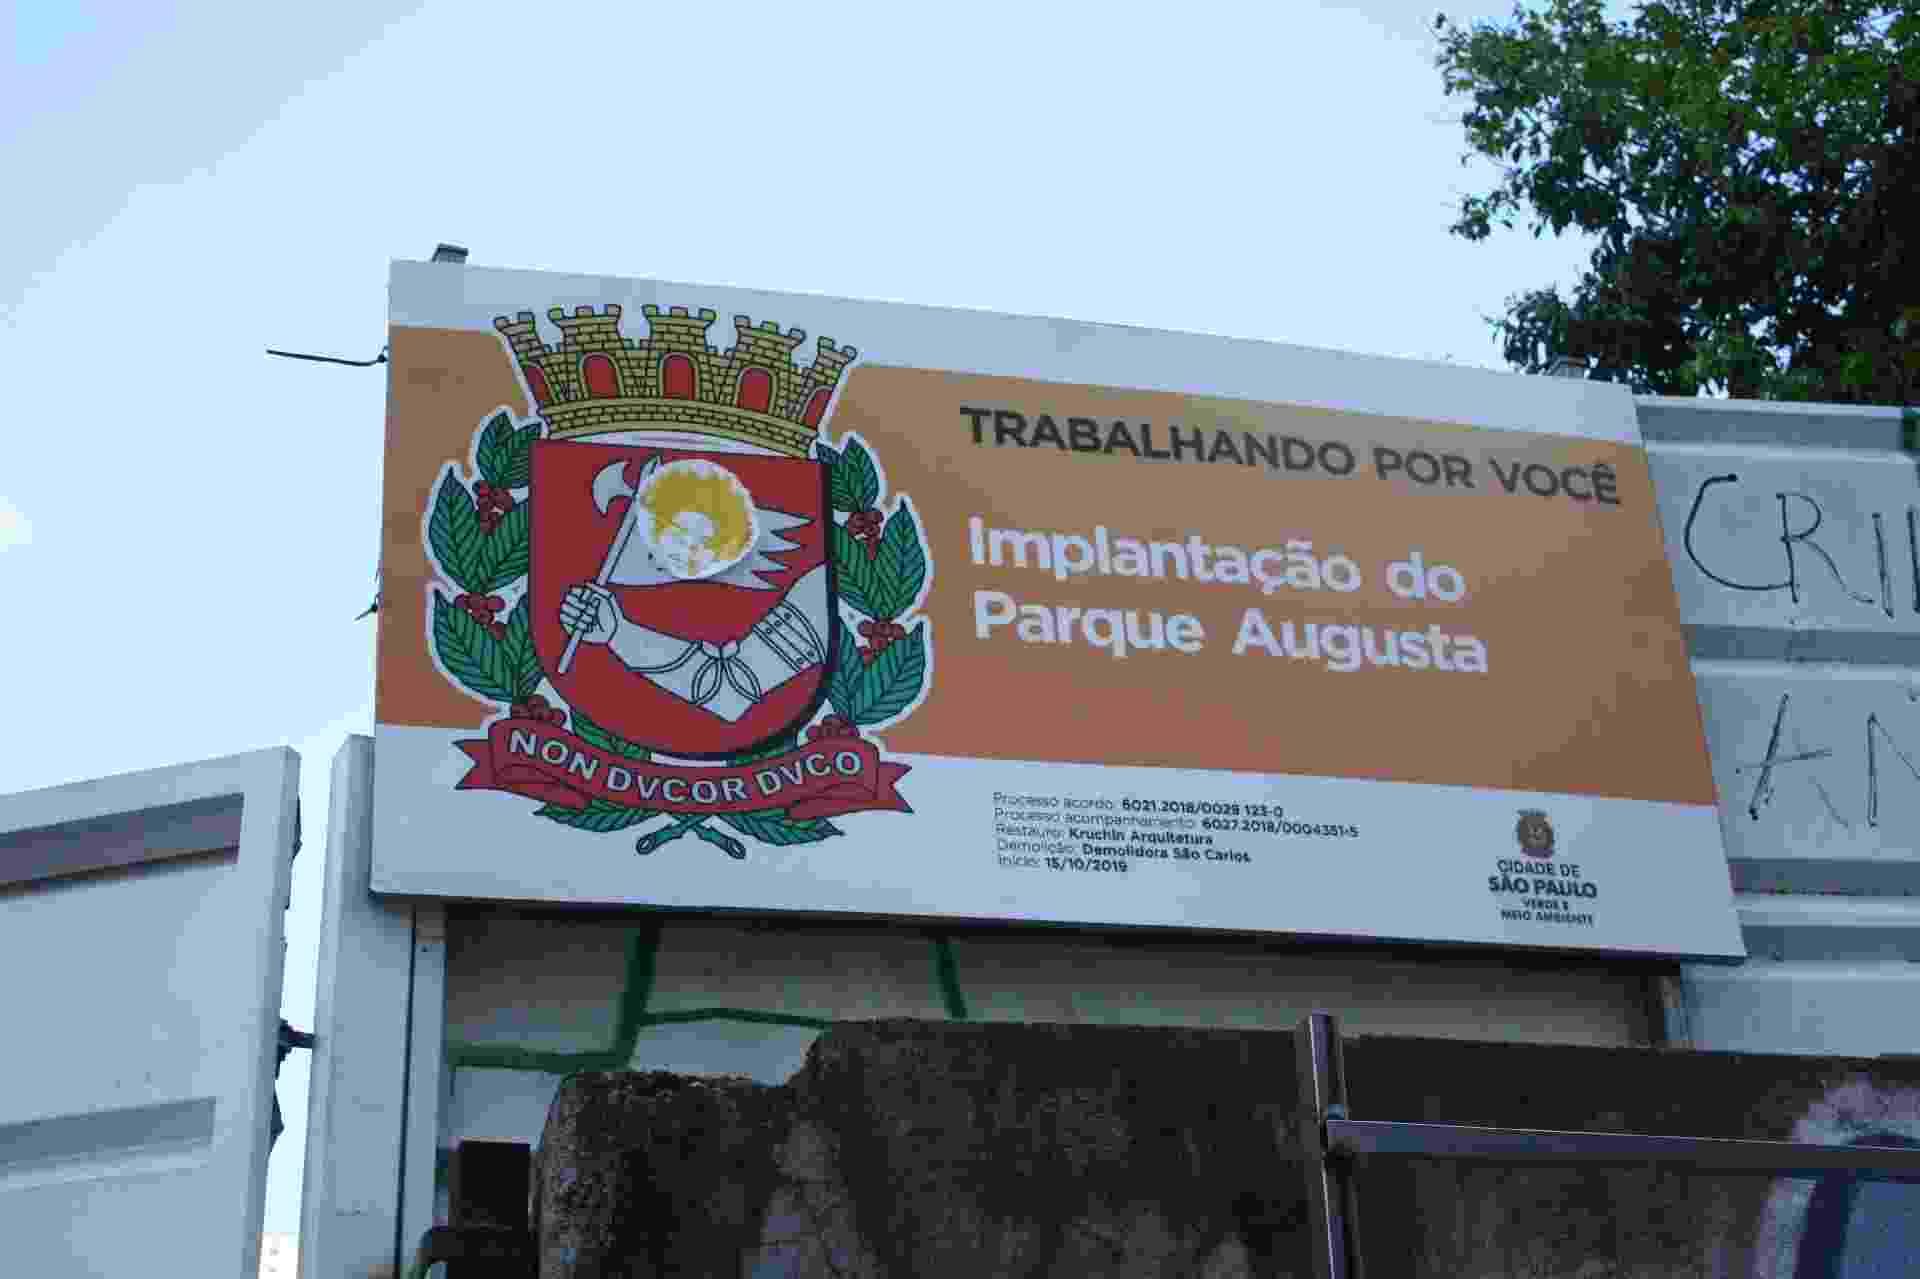 Placa da prefeitura sinaliza a implantação do Parque Augusta - Marcelo Oliveira / UOL